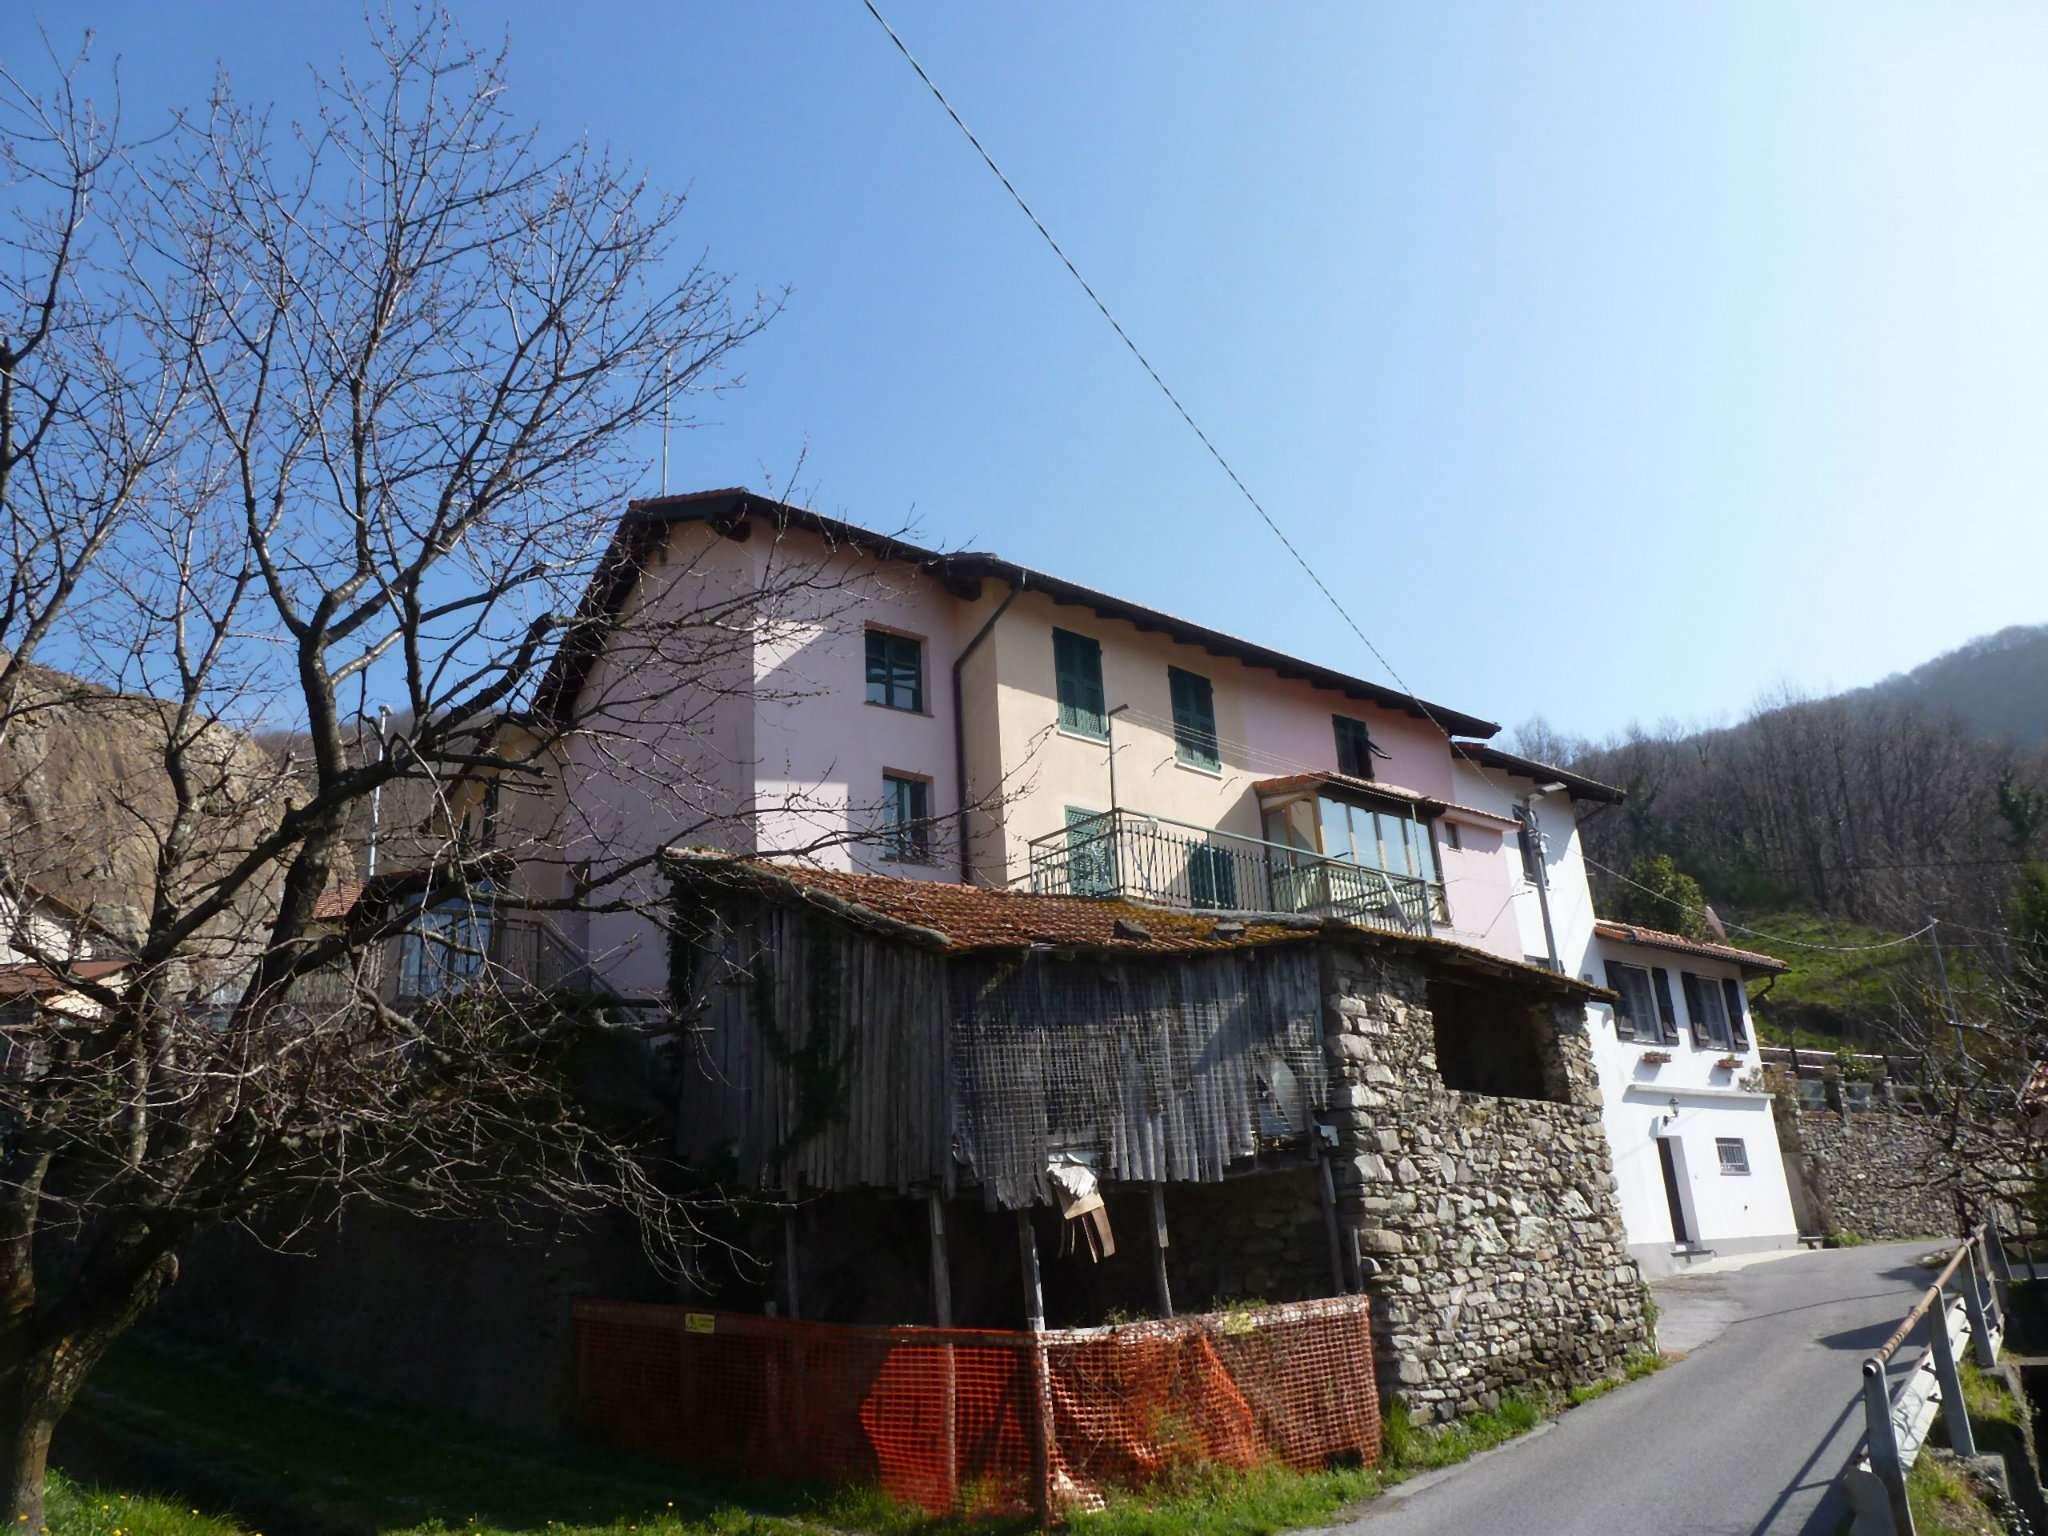 Rustico / Casale in vendita a Campomorone, 5 locali, prezzo € 35.000 | CambioCasa.it